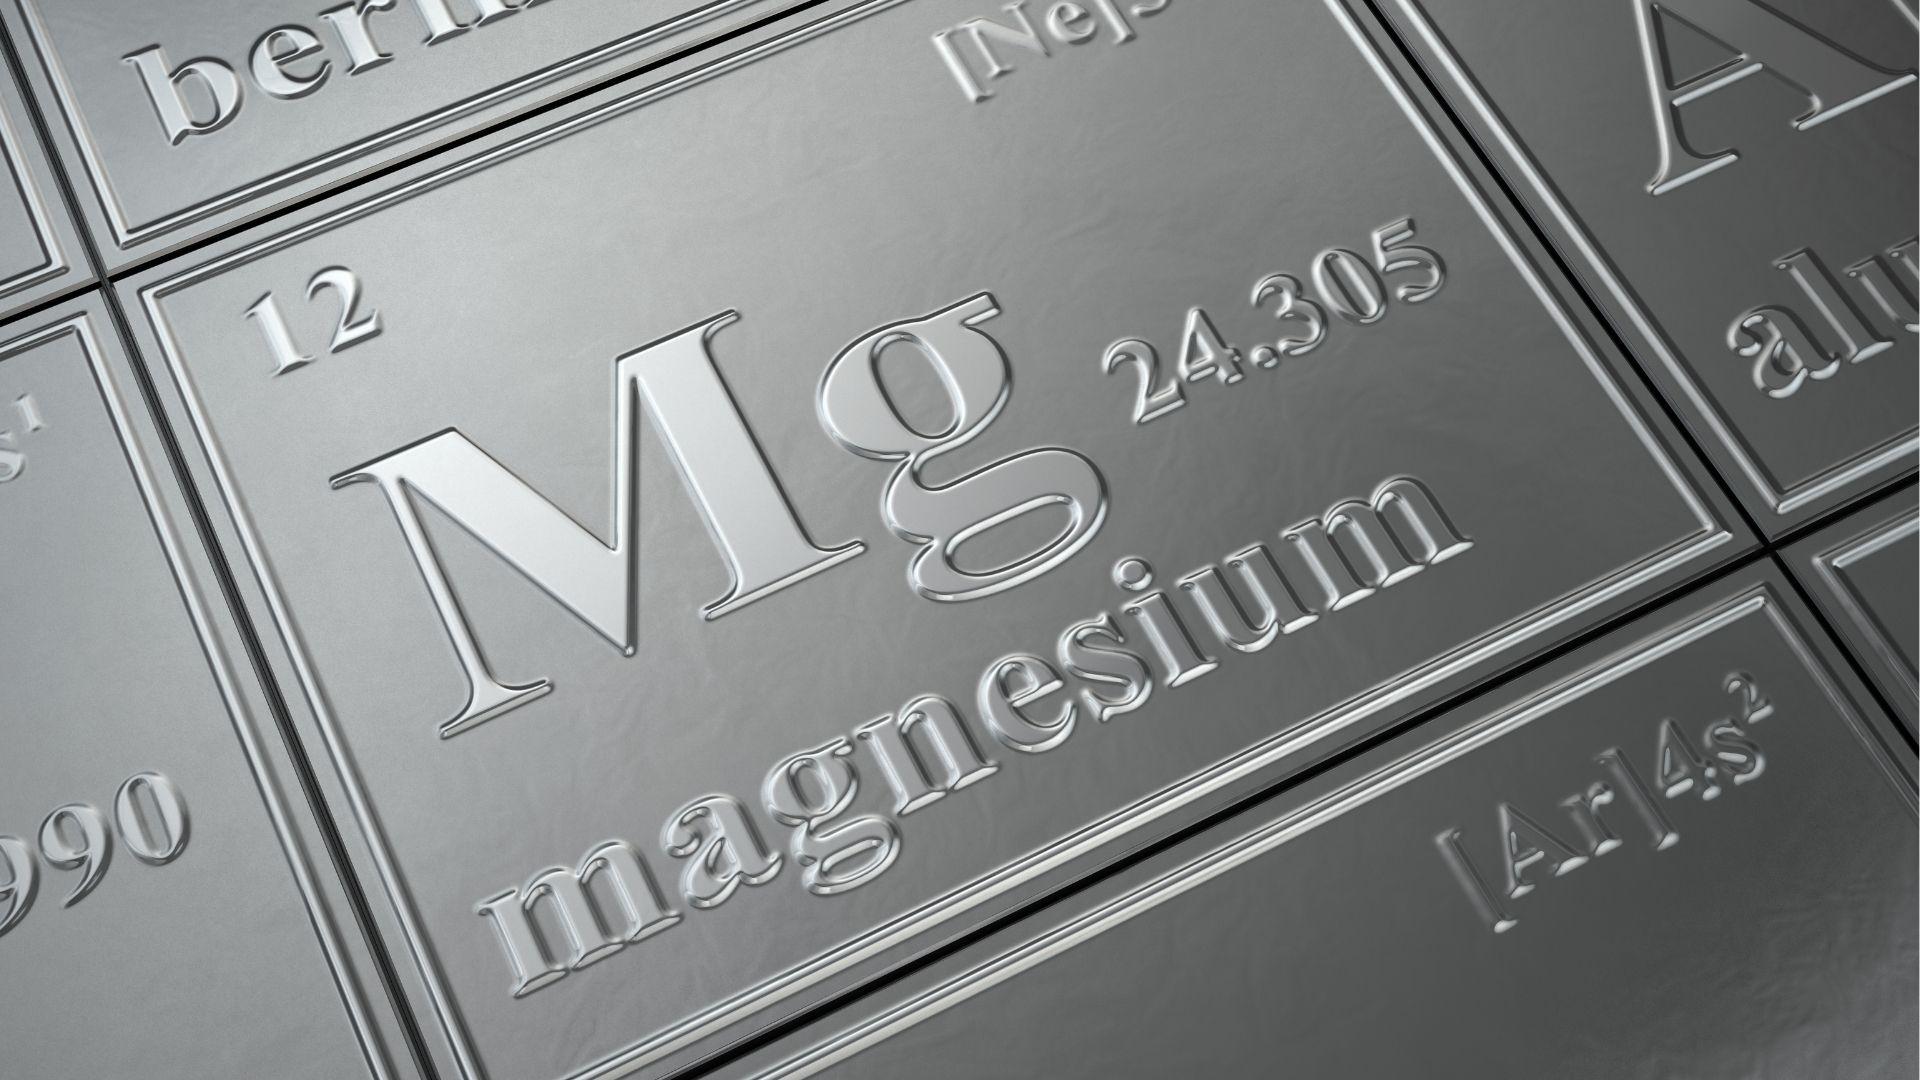 Нов проблем за европската автомобилска индустрија: Дали недостатокот на магнезиум ќе предизвика голема криза?!